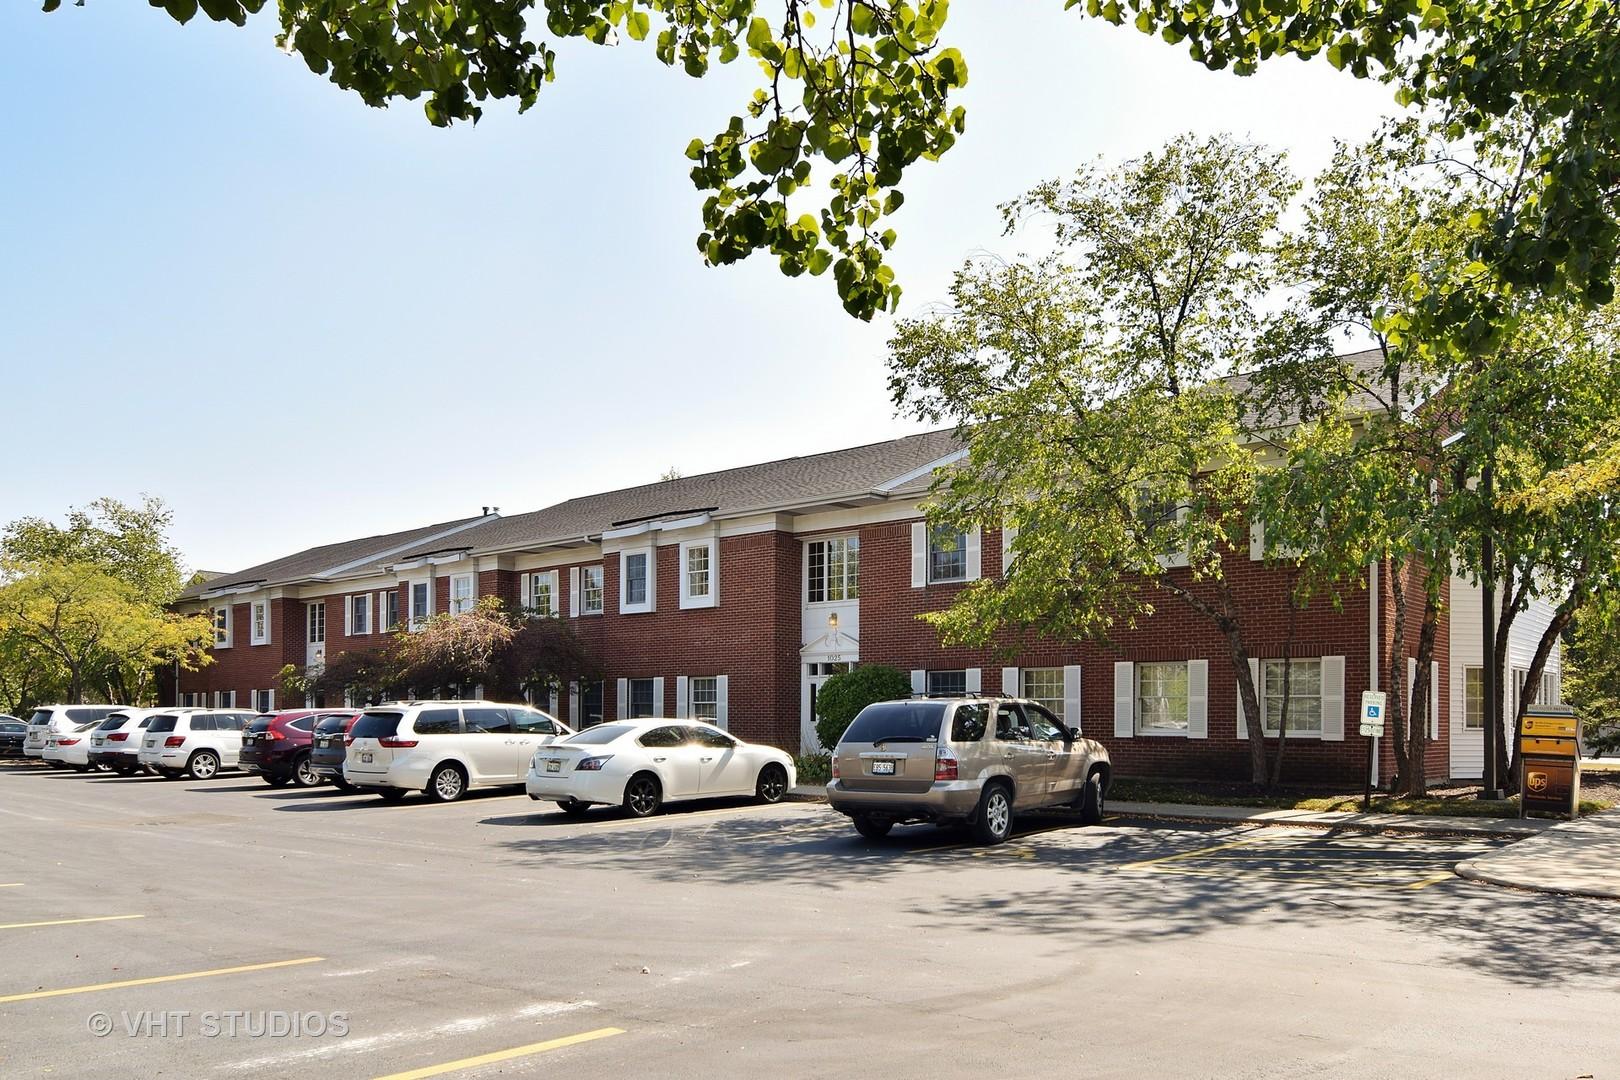 1015 Wise ,Schaumburg, Illinois 60193